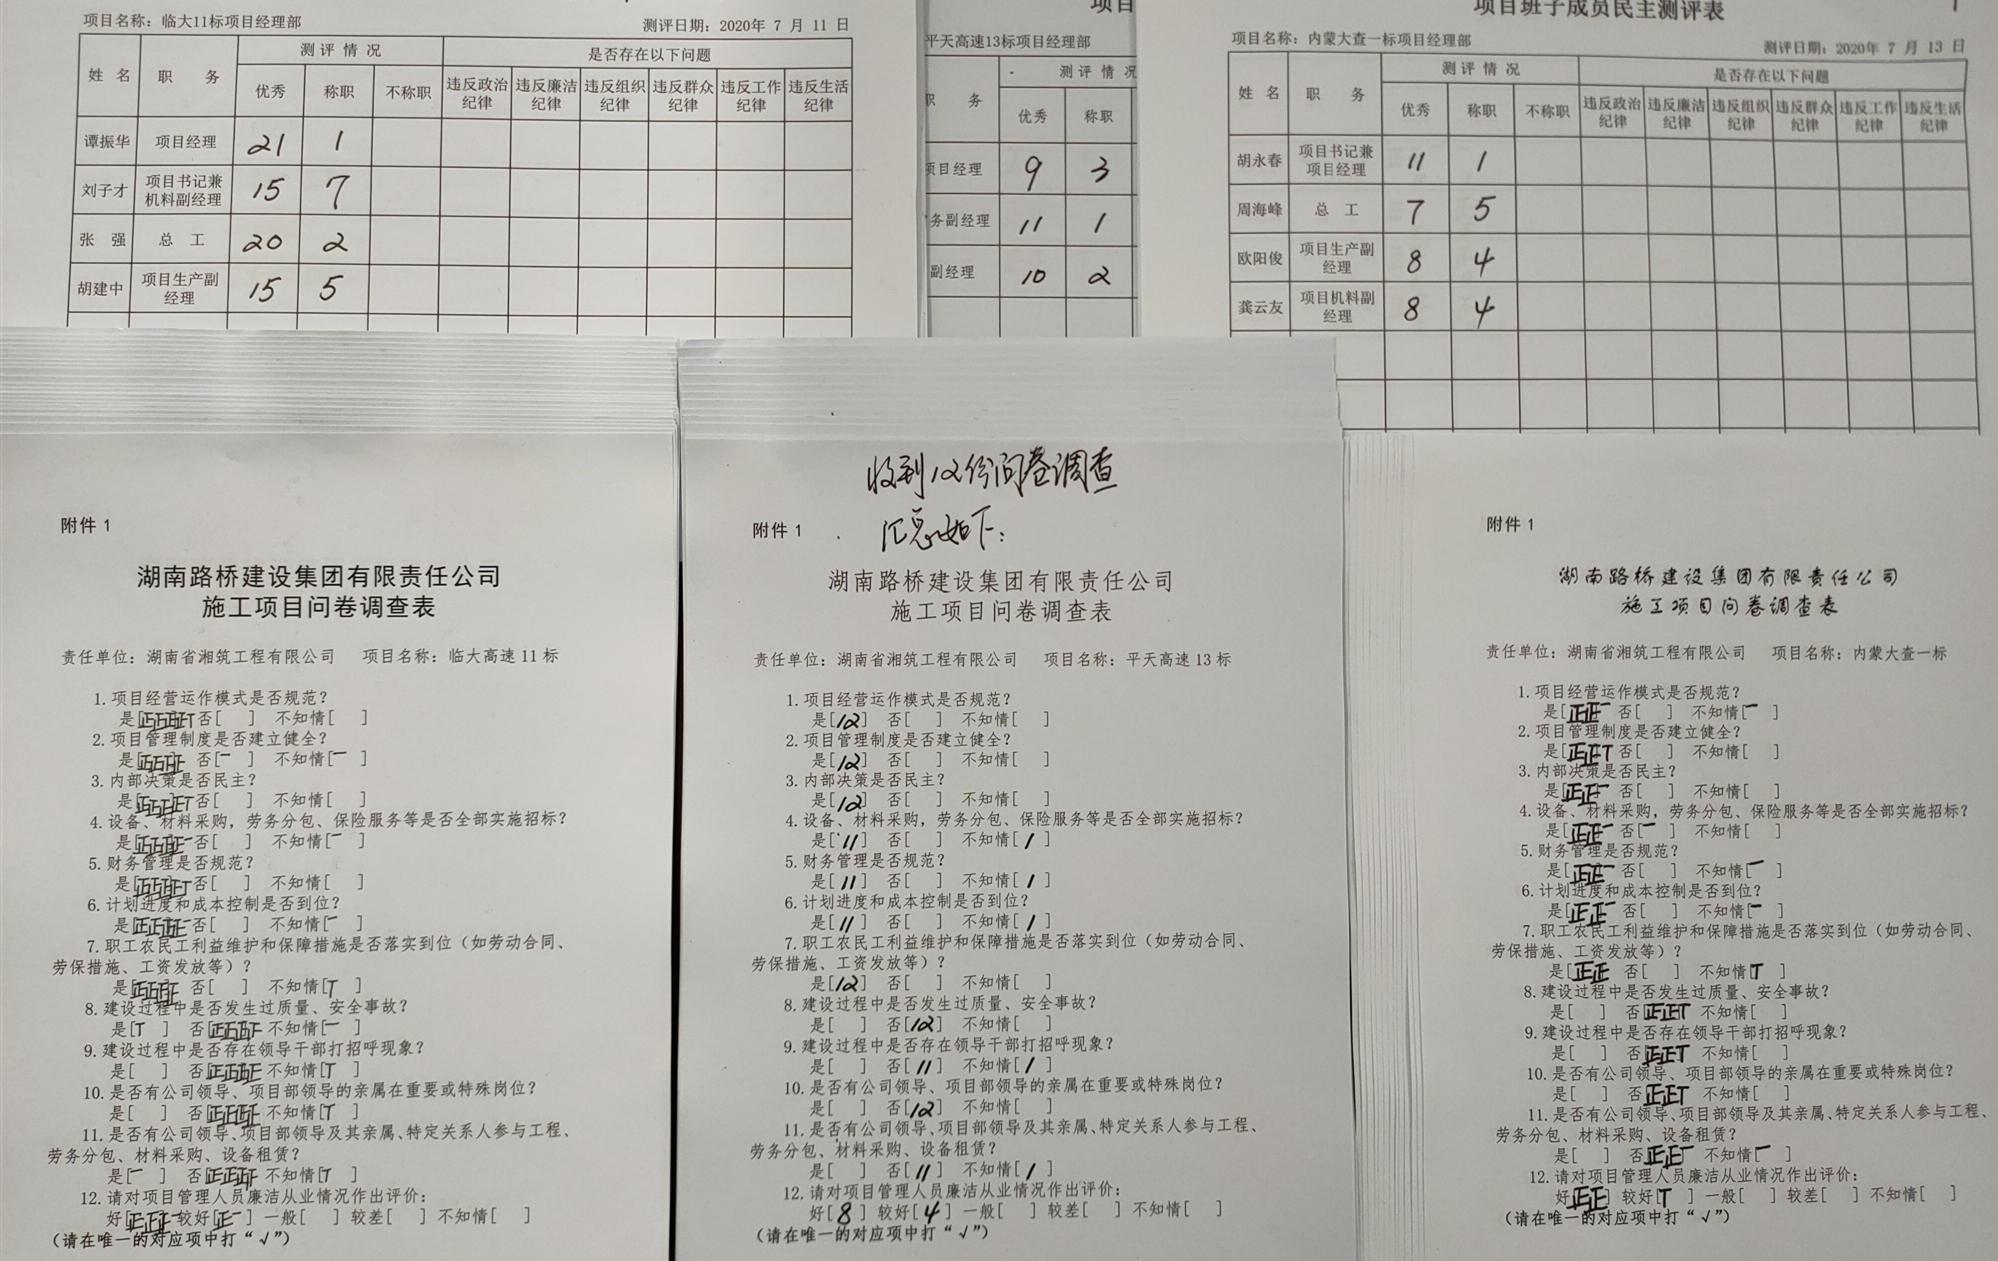 照片:湘筑公司开展调查问卷活动绷紧廉洁自律之弦_副本.jpg